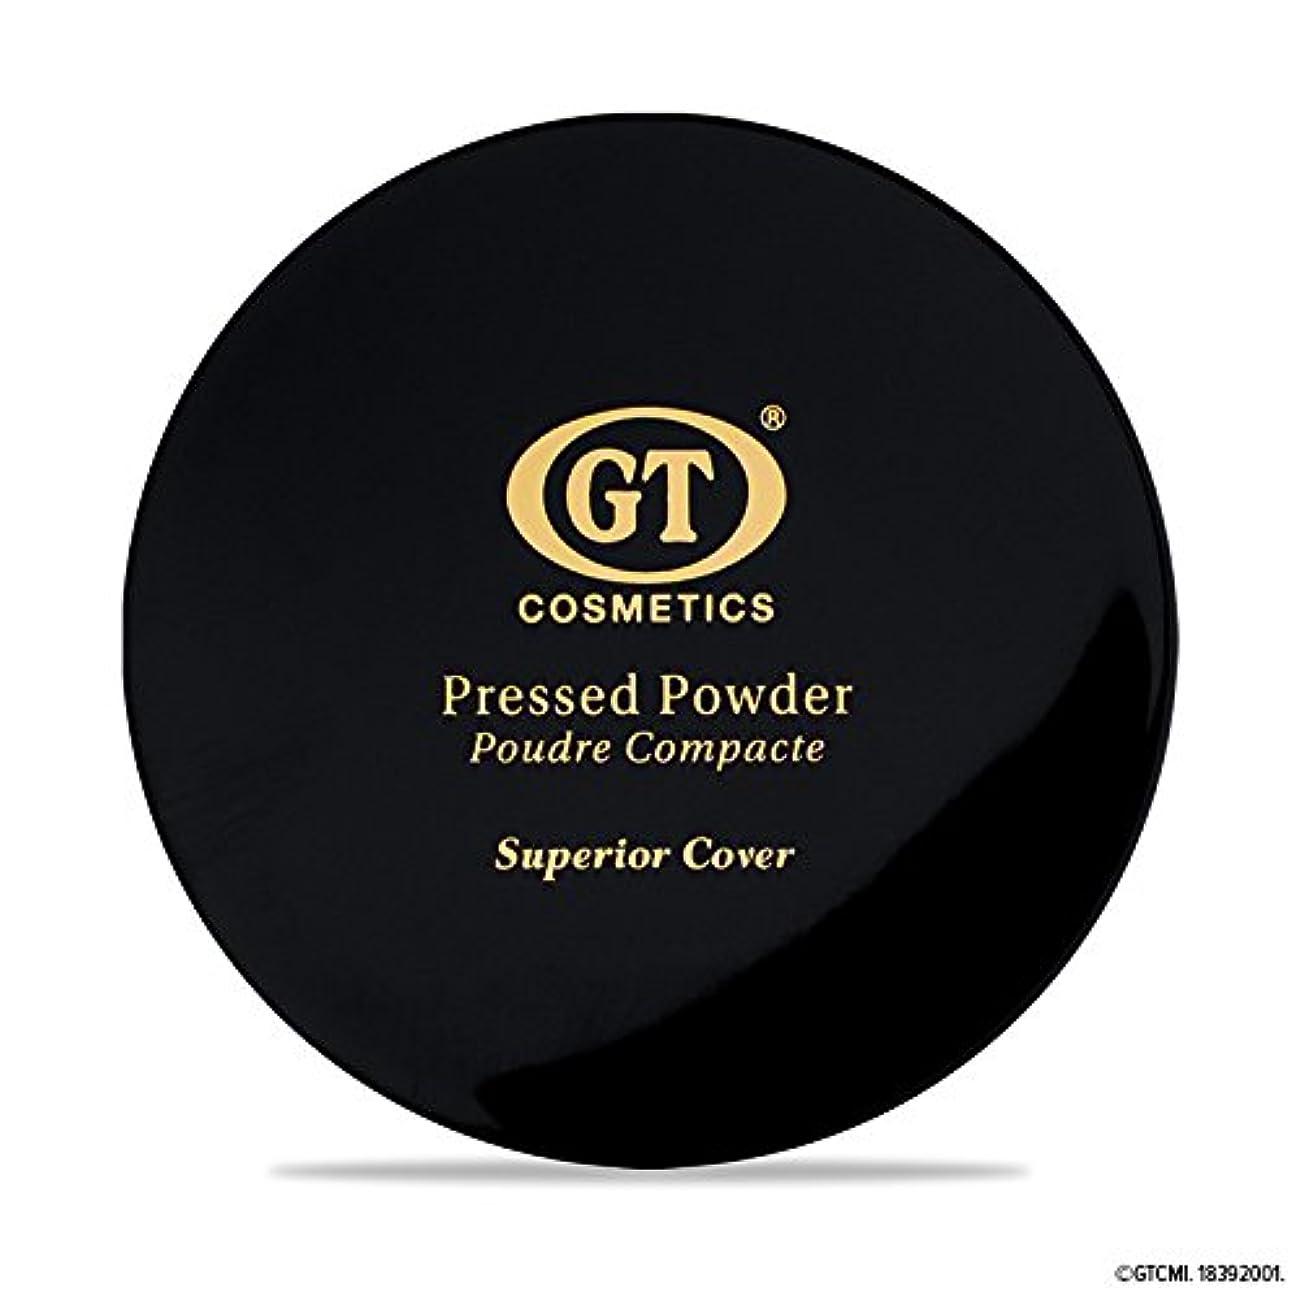 可能にするマングル贅沢GTpressed powder ライトベージュ SPF20 正規輸入代理店 日本初上陸 コスメティック オーガニック ファンデーション